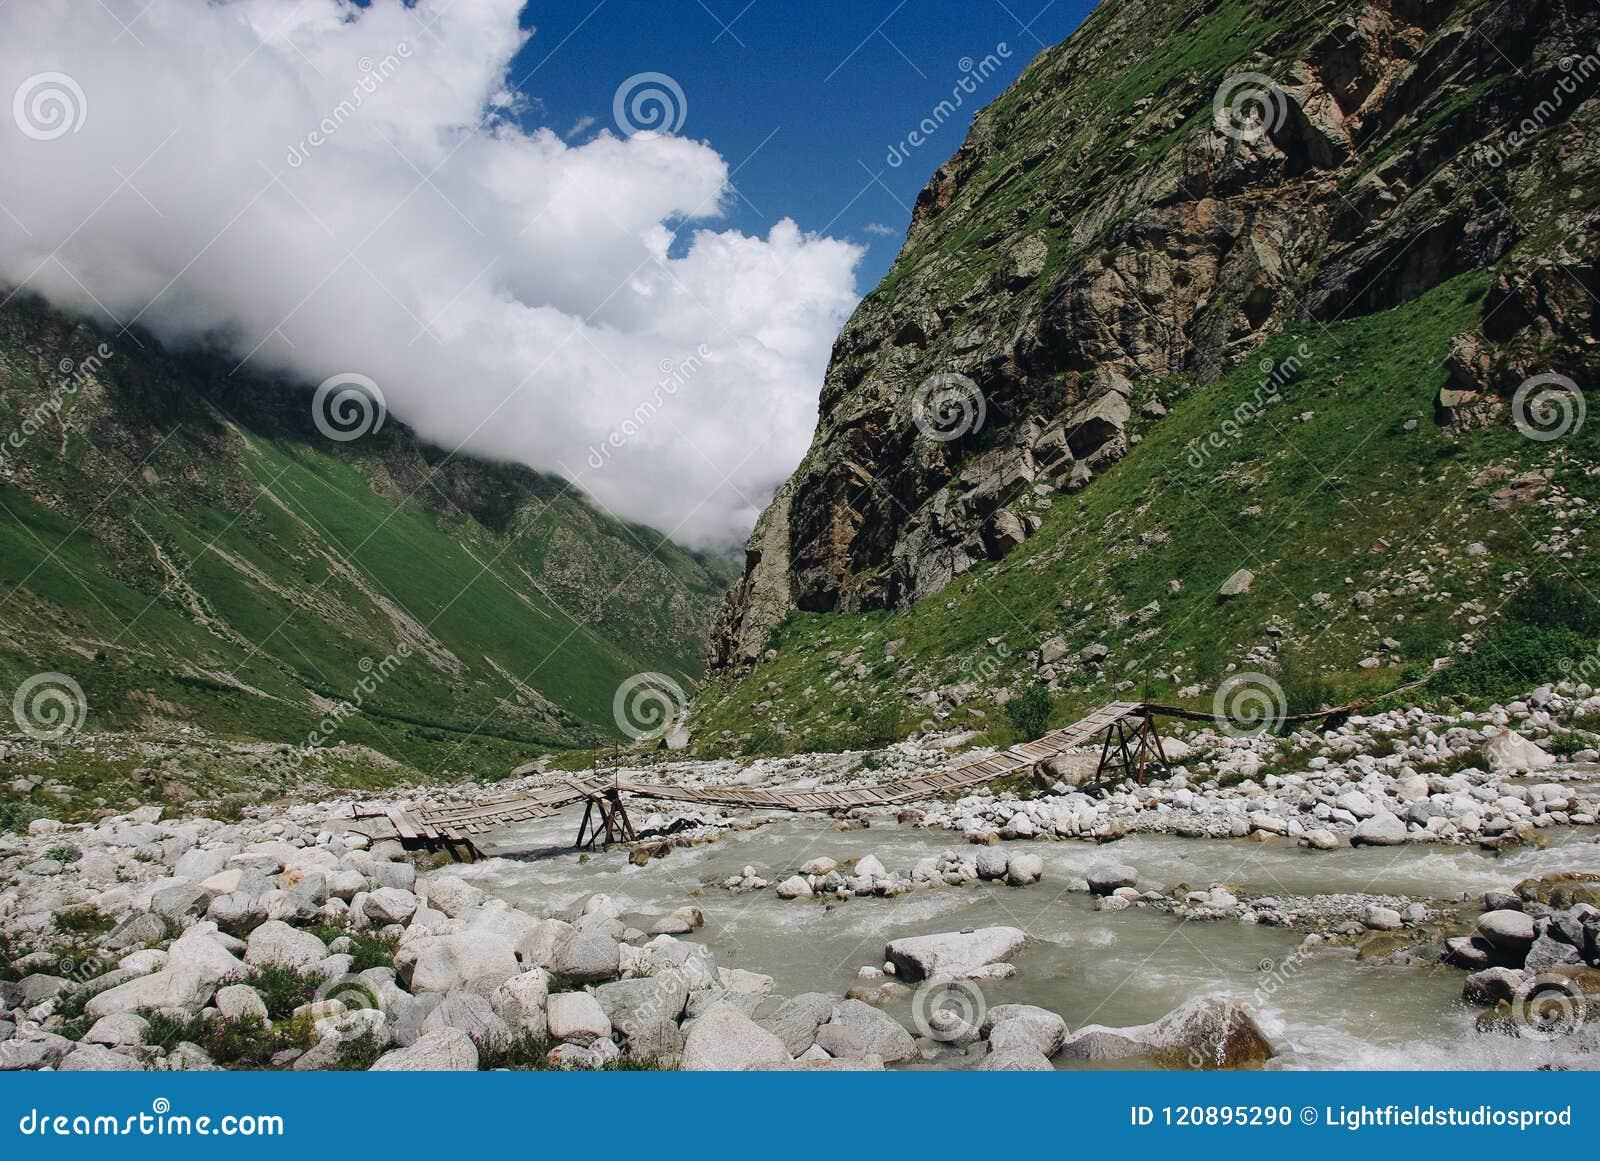 木桥和山河,俄罗斯联邦,高加索,